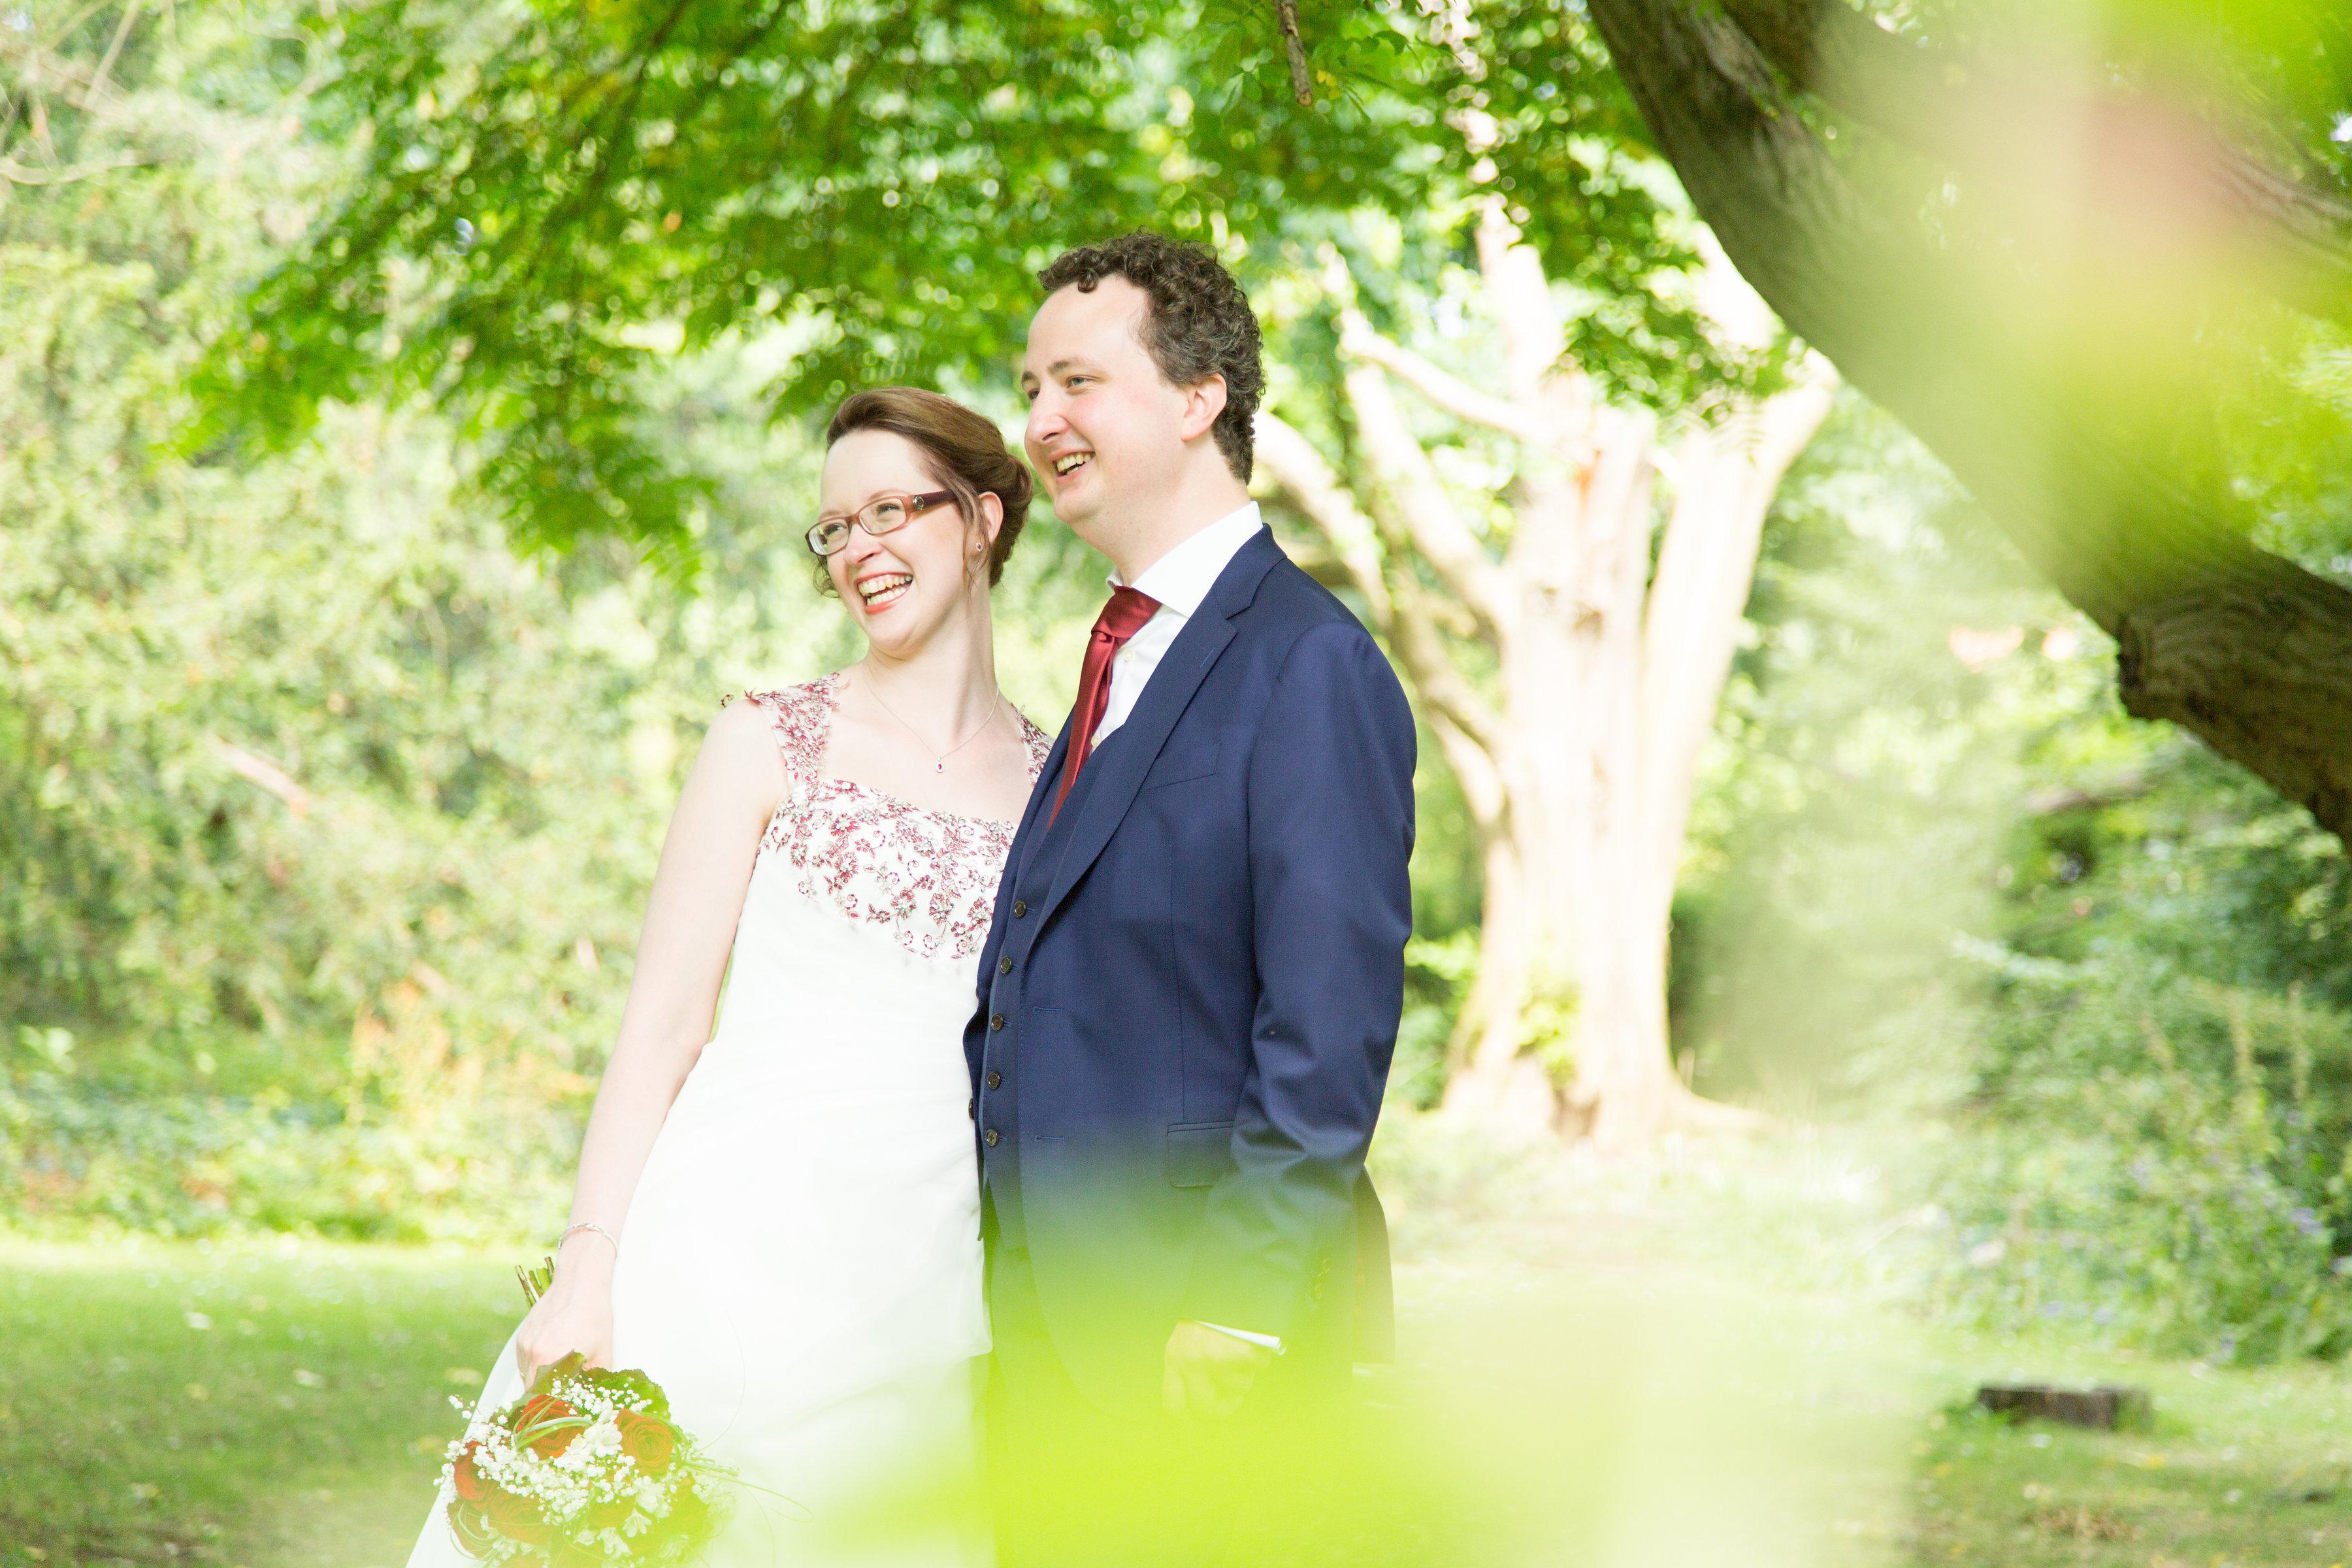 bruiloftsofieenmaarten-chantalcornetfotografie-315